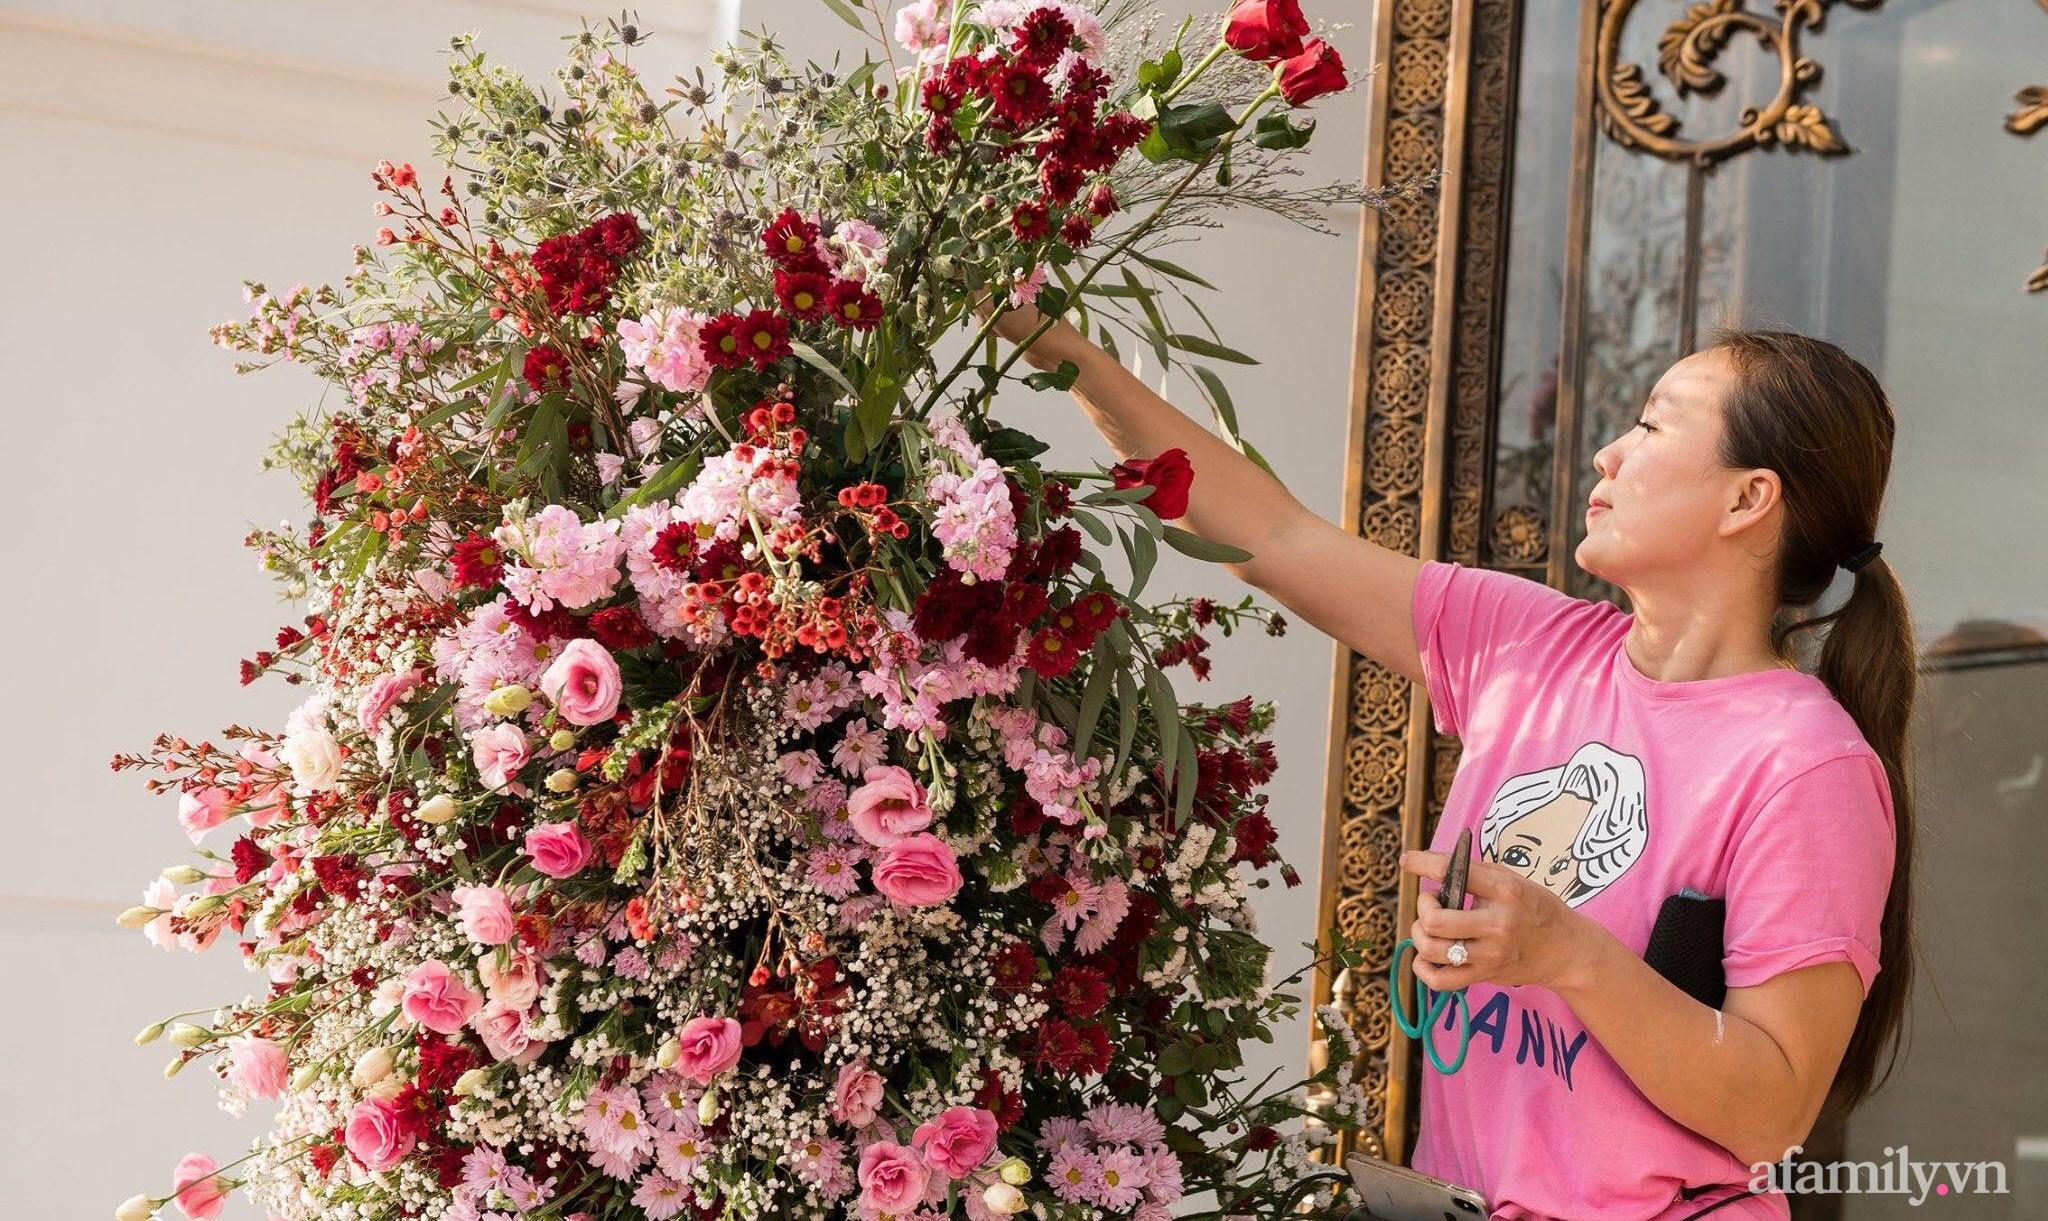 Cựu hoa hậu Hà Thành chỉ cách tiếp cận khách hàng hiệu quả cho những ai theo niềm đam mê trang trí tiệc cưới - Ảnh 3.